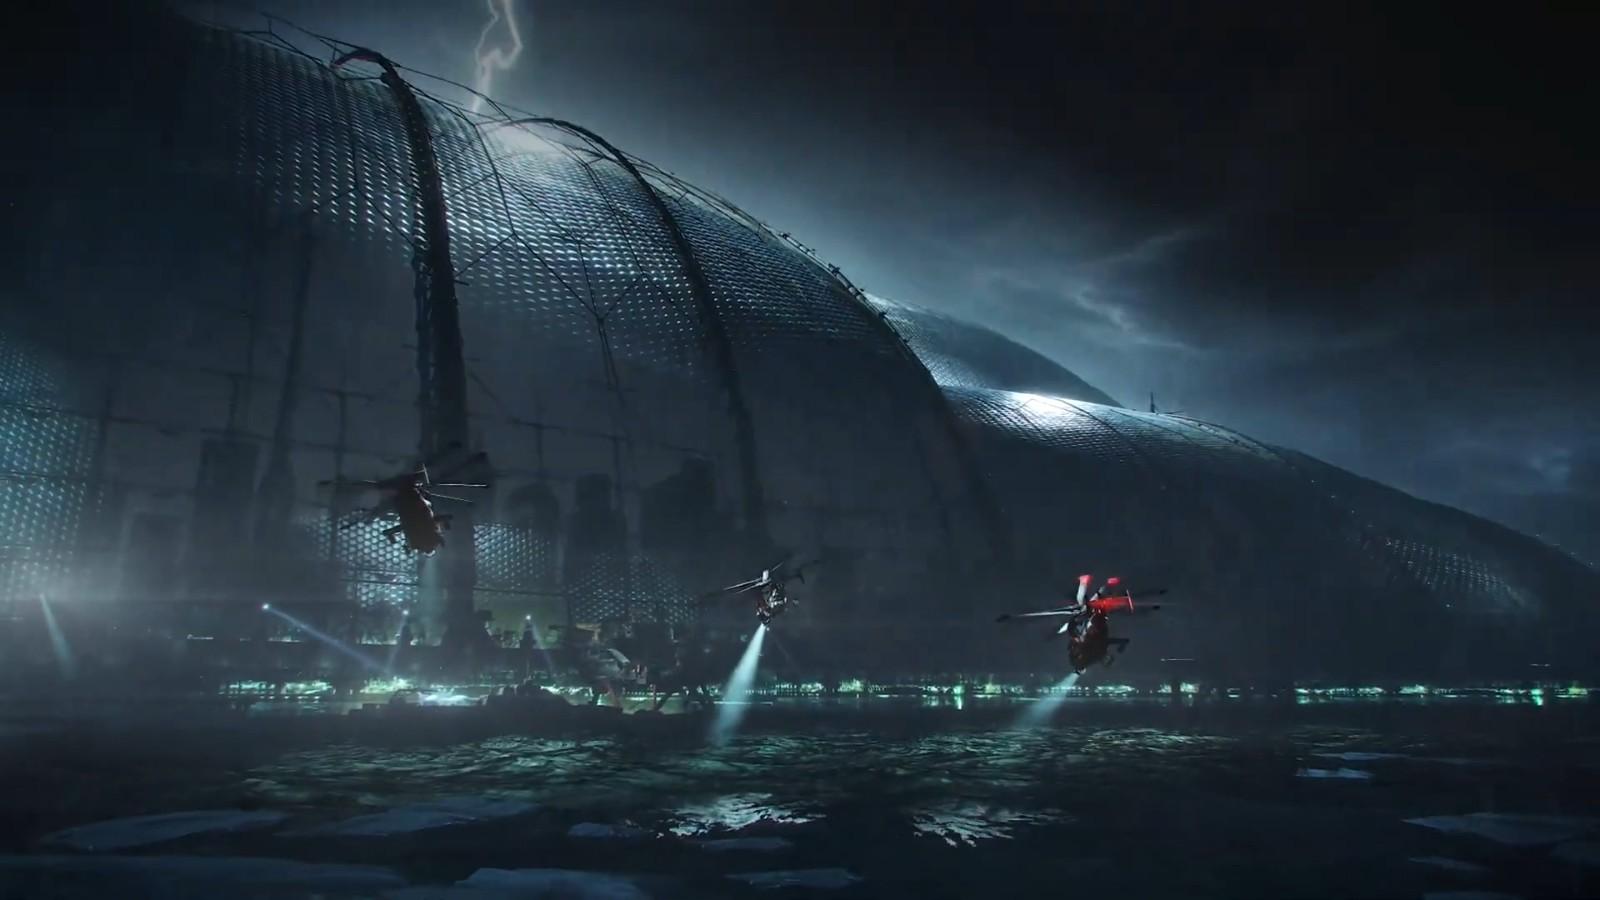 《孤岛危机复刻版三部曲》今秋发售 登陆PC和主机